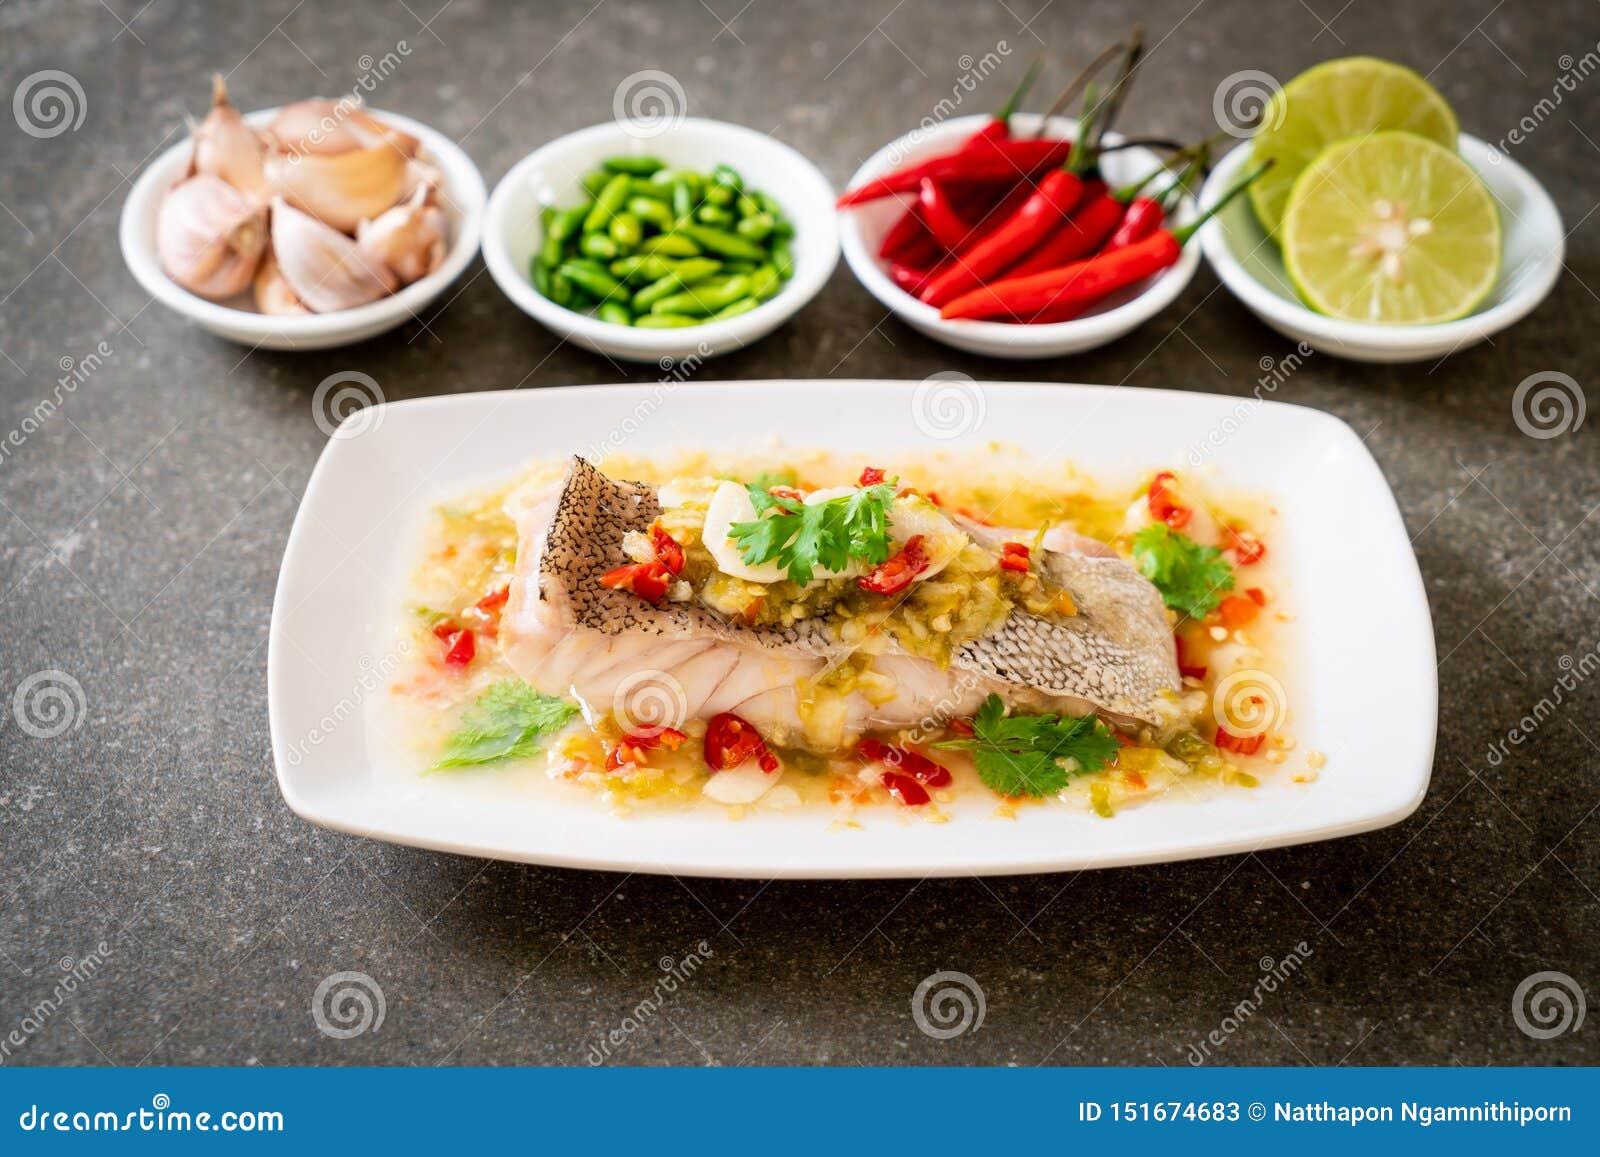 Gedämpftes Barsch-Fischfilet mit Chili Lime Sauce in der Kalkbehandlung